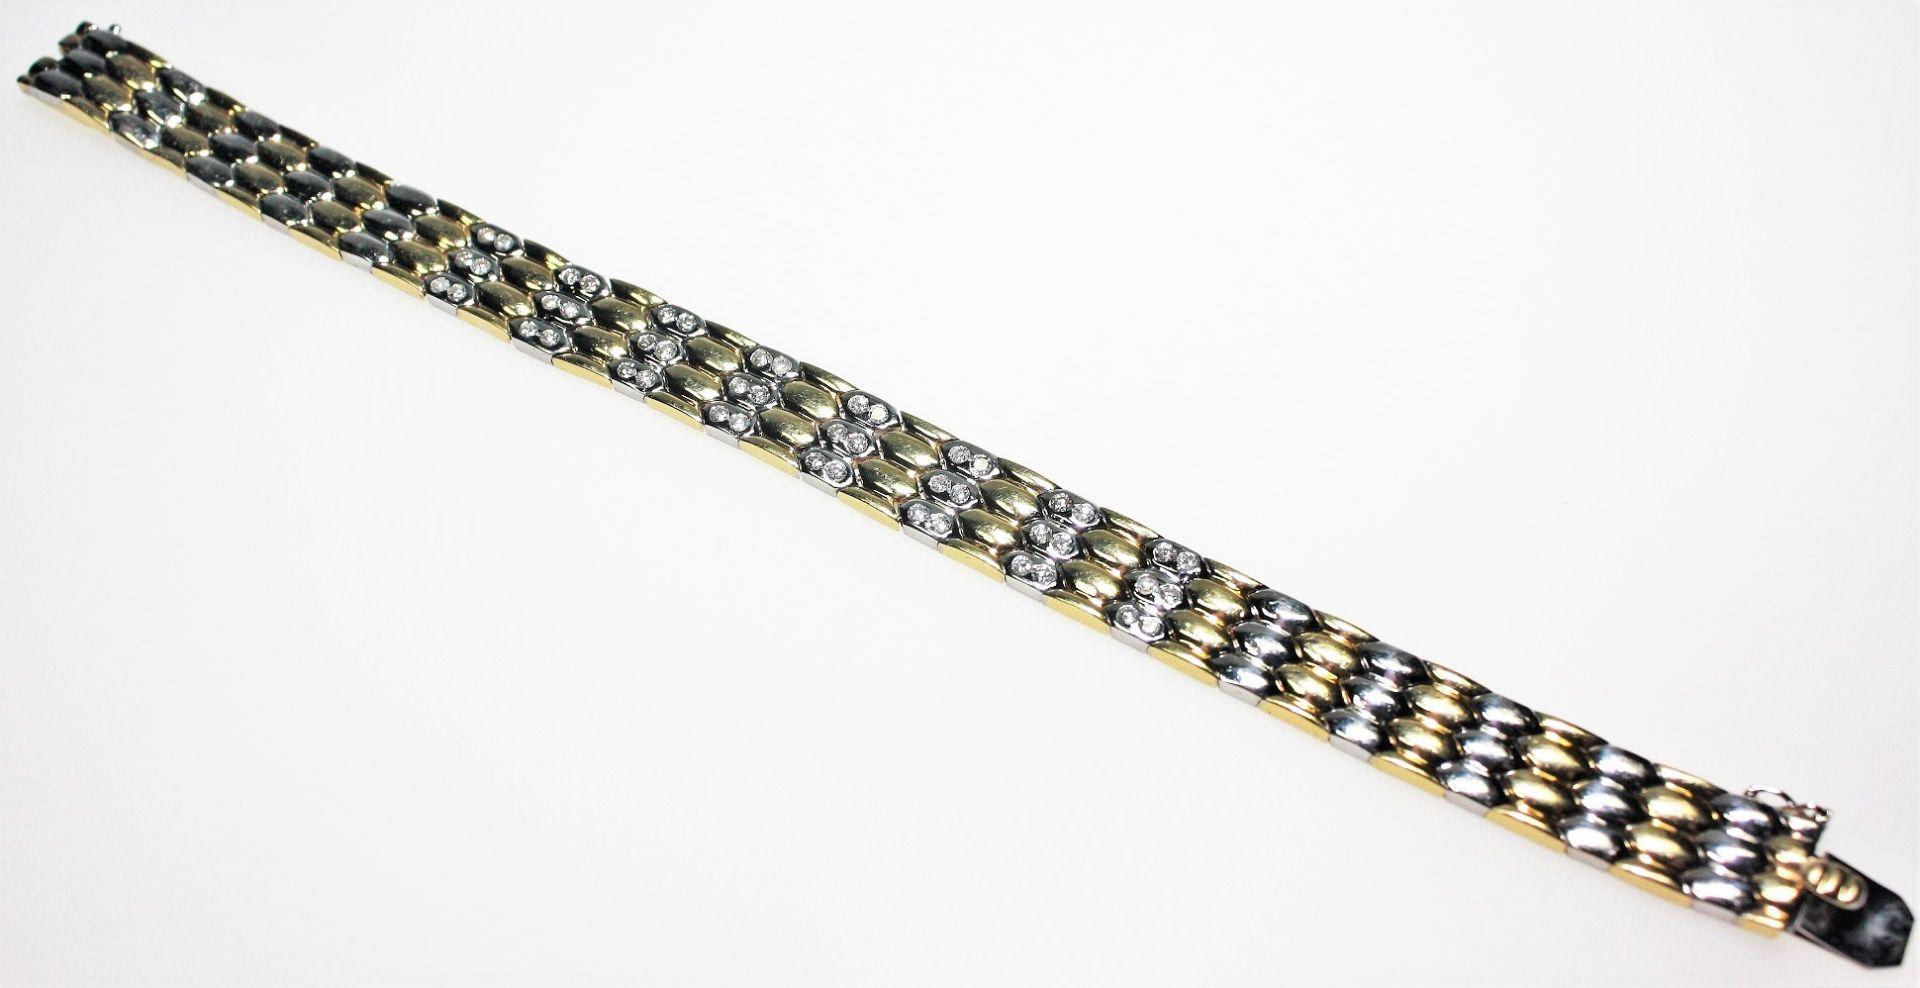 Modernes Armband in Gelb- und Weißgold 750/f gest., zur Mitte weiß goldene Teile ausgefasst mit